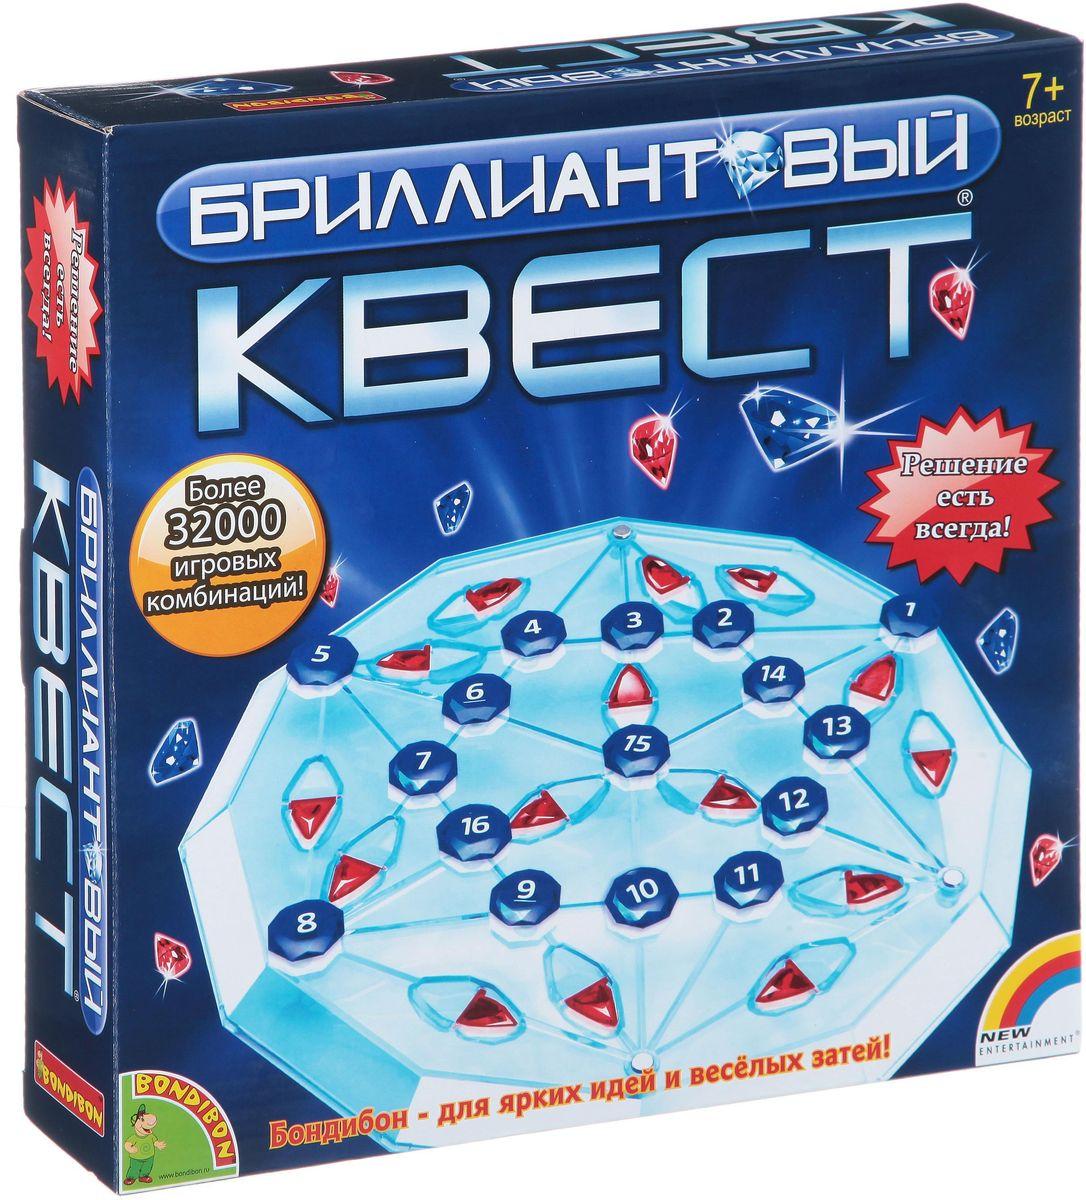 Bondibon Обучающая игра Бриллиантовый квест bondibon обучающая игра камелот